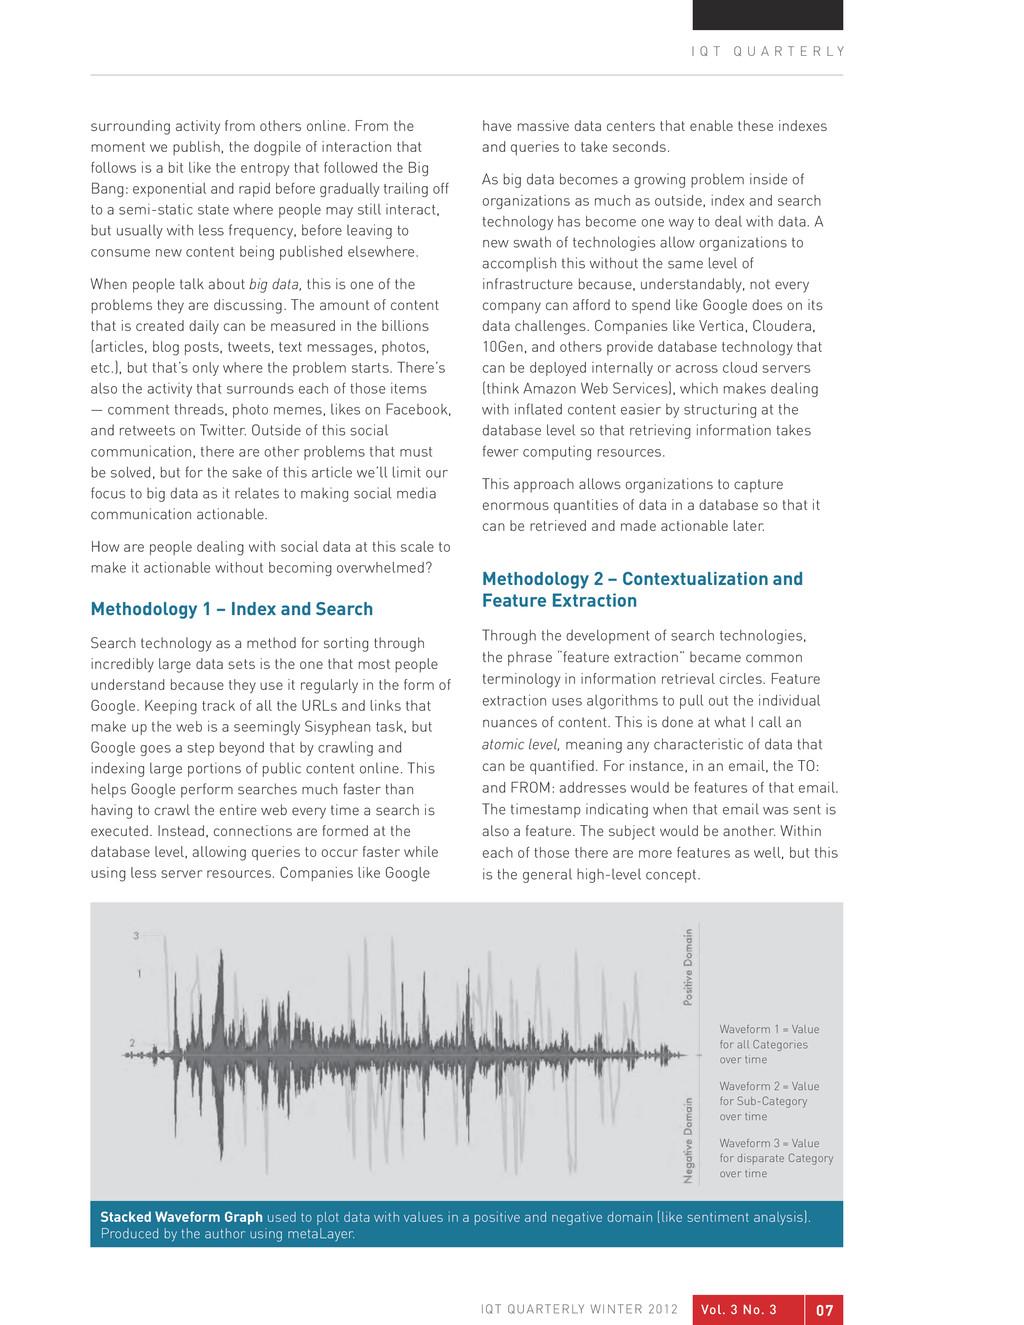 Vol. 3 No. 3 07 IQT QUARTERLY WINTER 2012 I Q T...